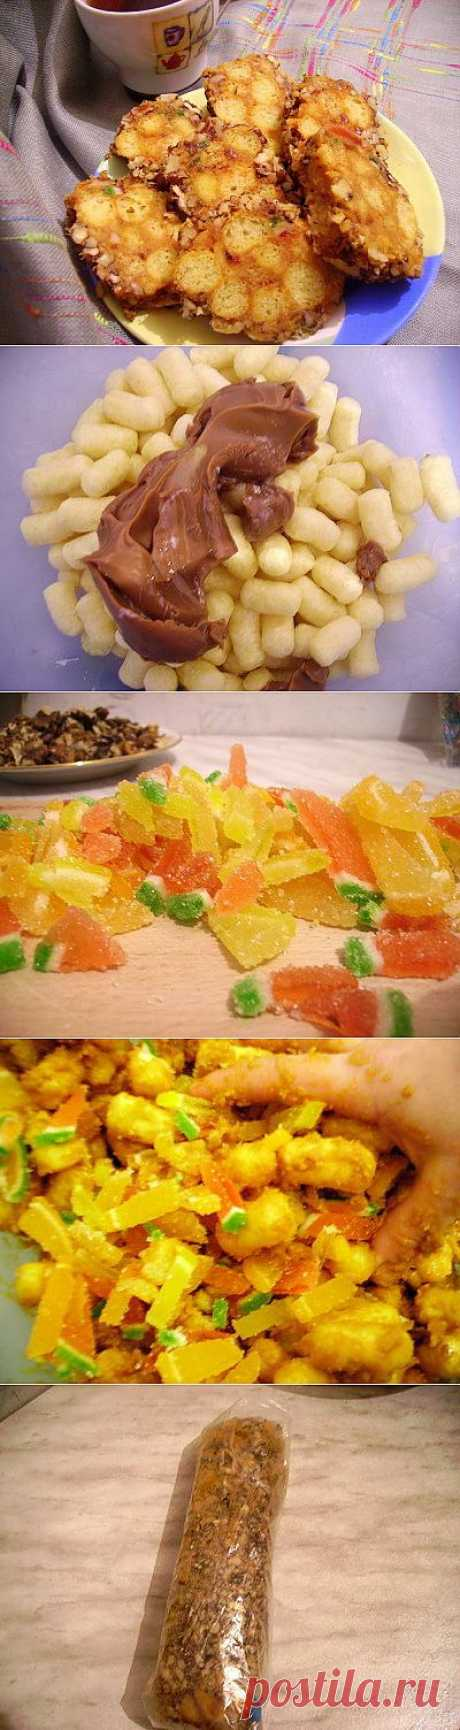 Блоги@Mail.Ru: Вкусняшка из кукурузных палочек